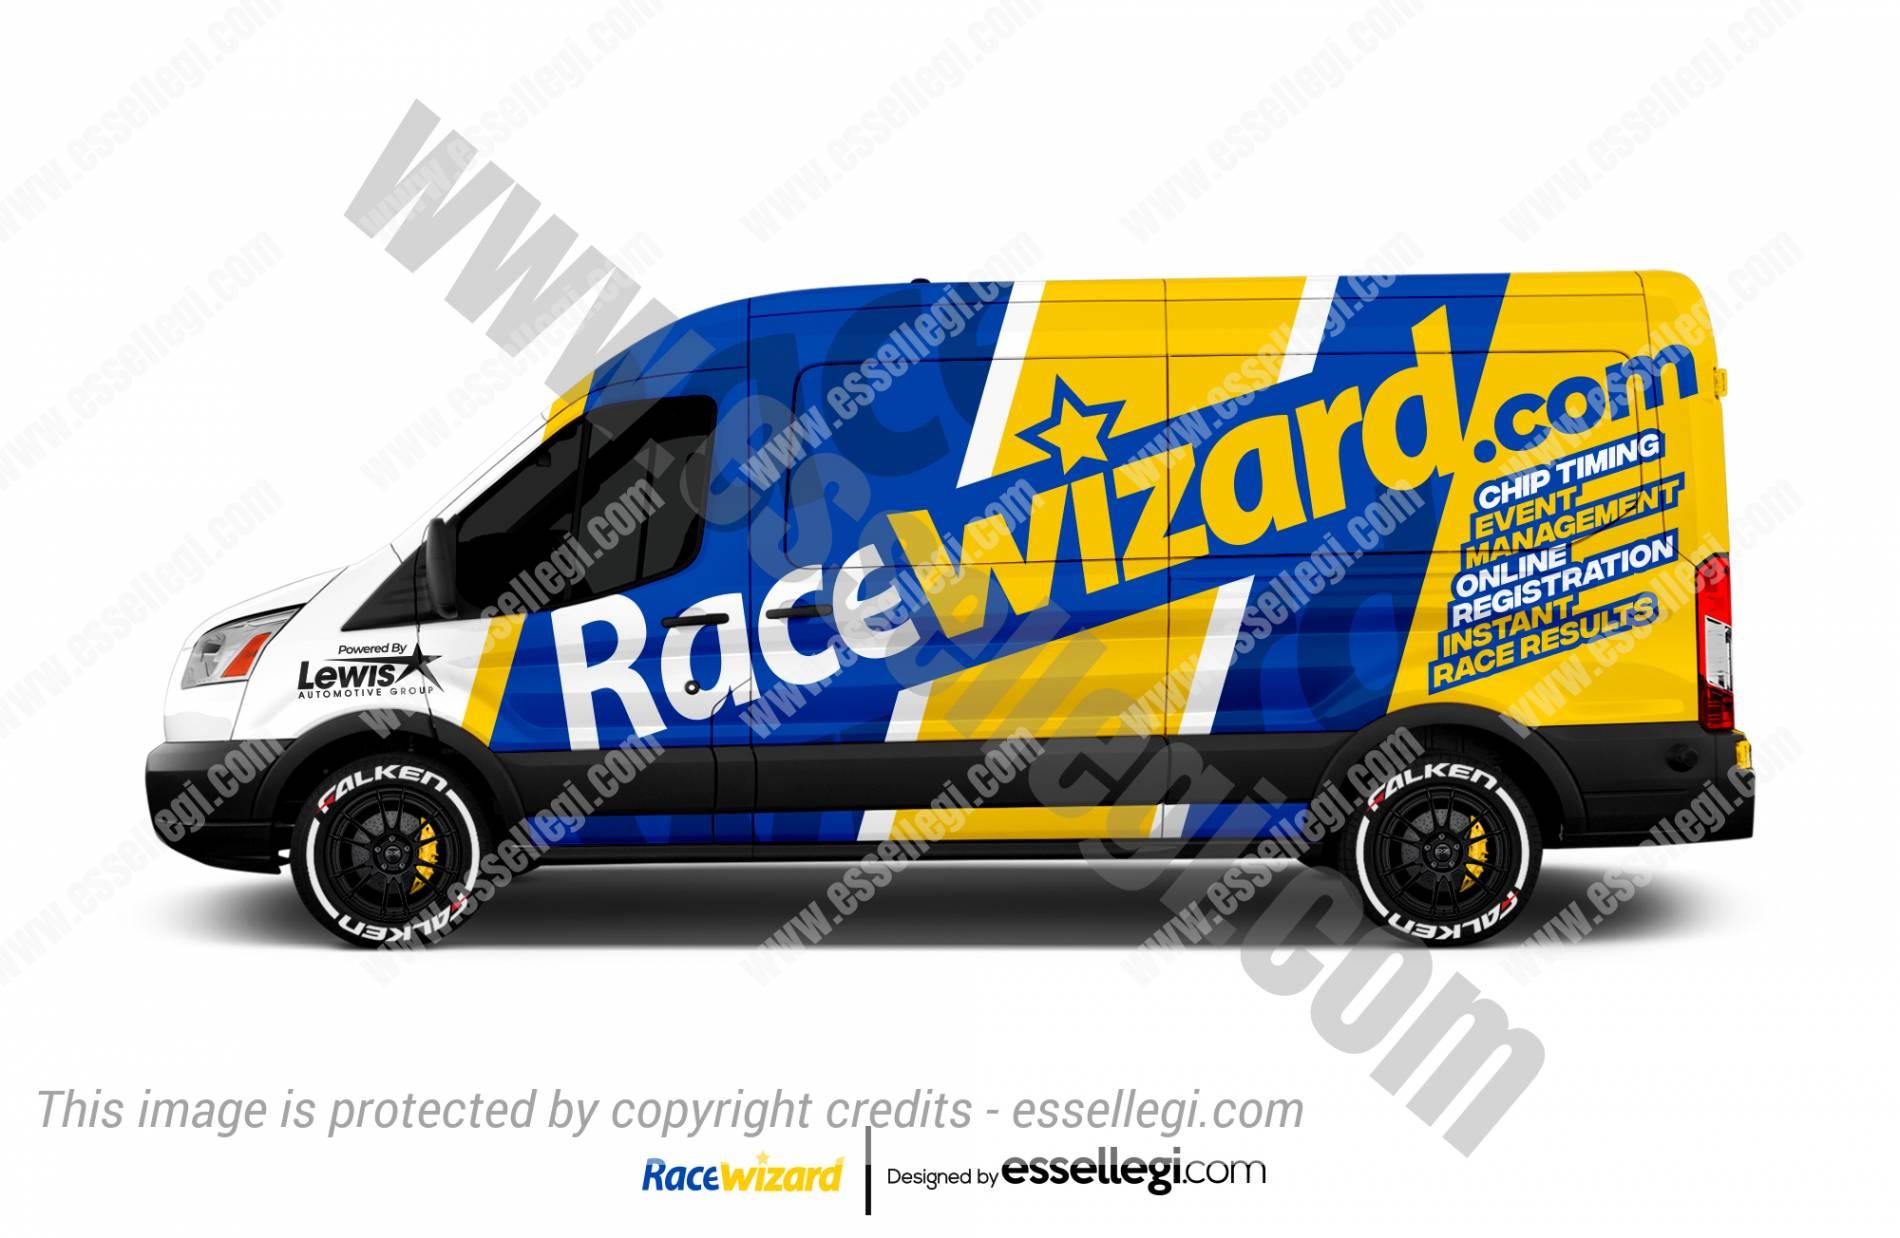 RACE WIZARD | VAN WRAP DESIGN 🇺🇸